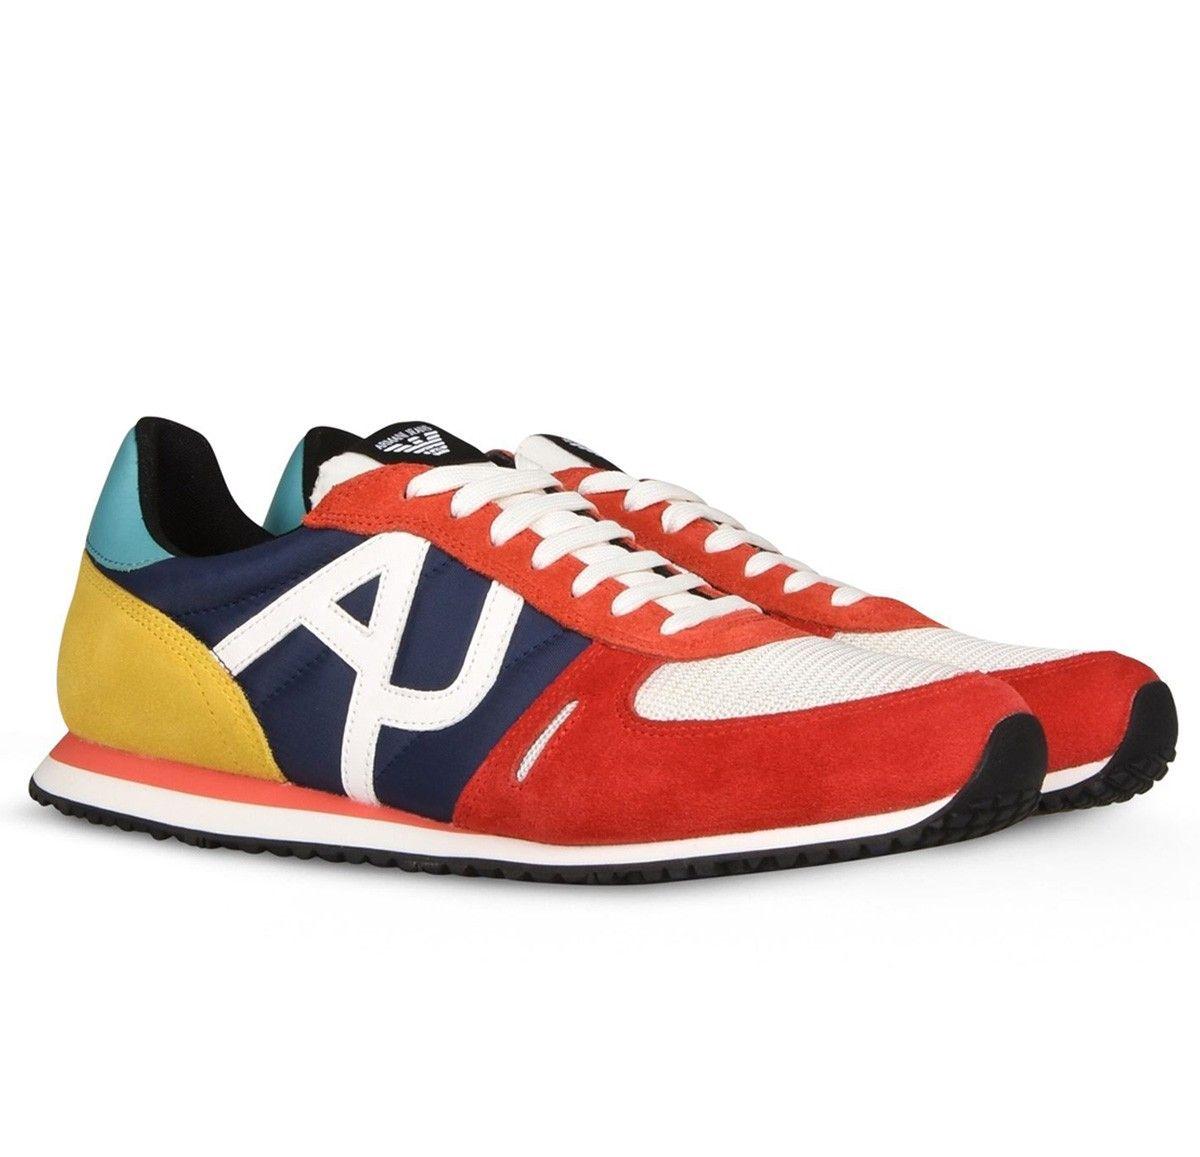 3e598e9131f Zapatillas Armani Jeans ® Multicolor